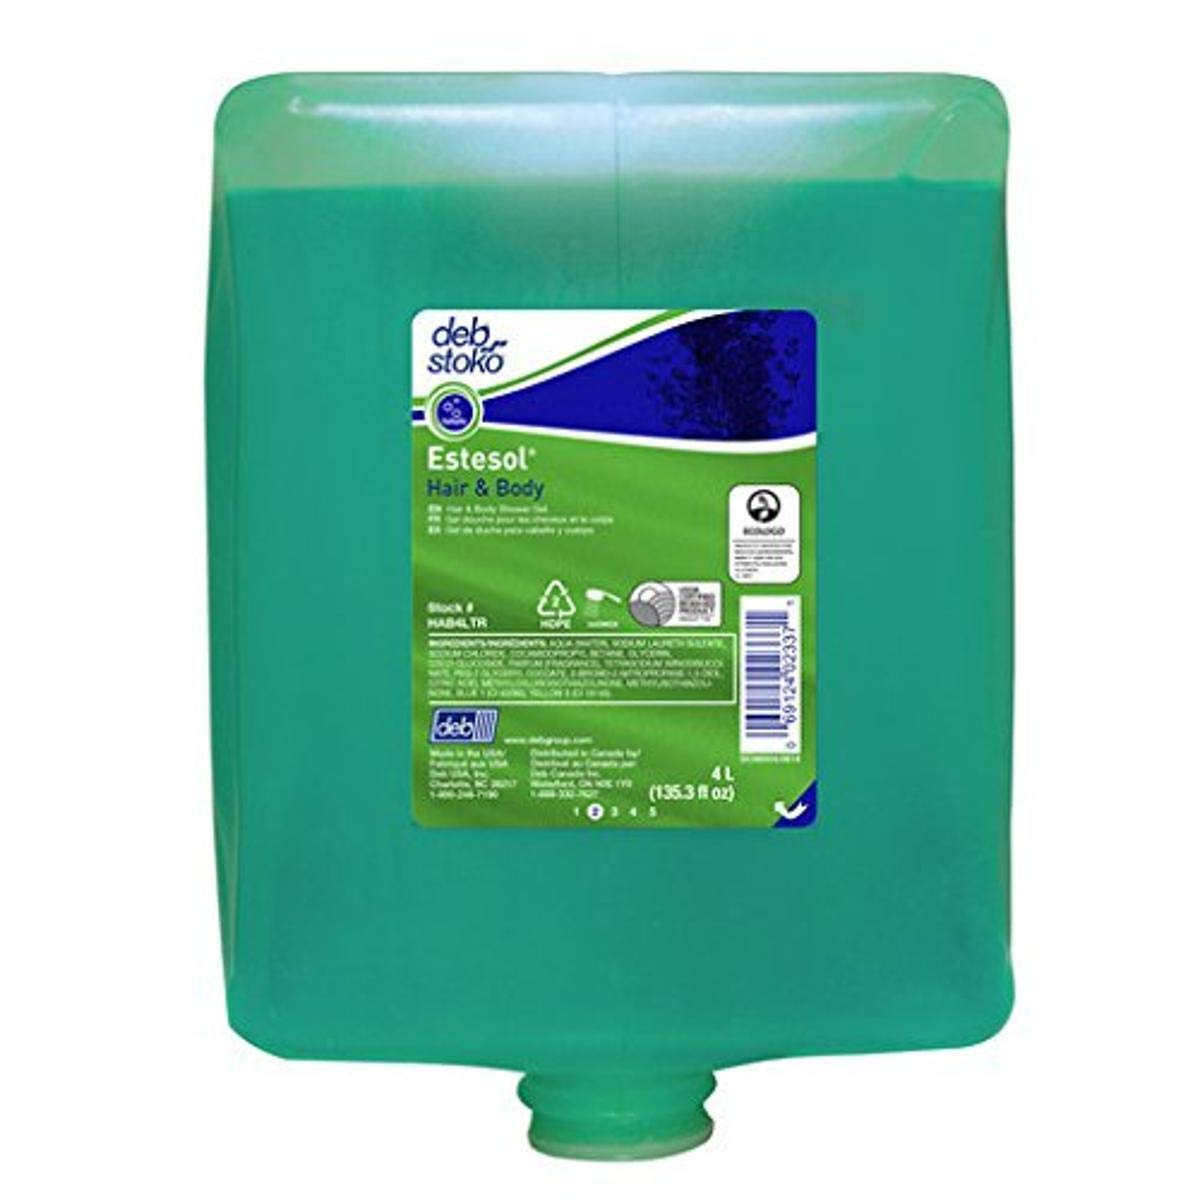 Deb 4 Max 54% OFF Liter Refill Aqua Scented Cleaner Nashville-Davidson Mall Estesol Skin